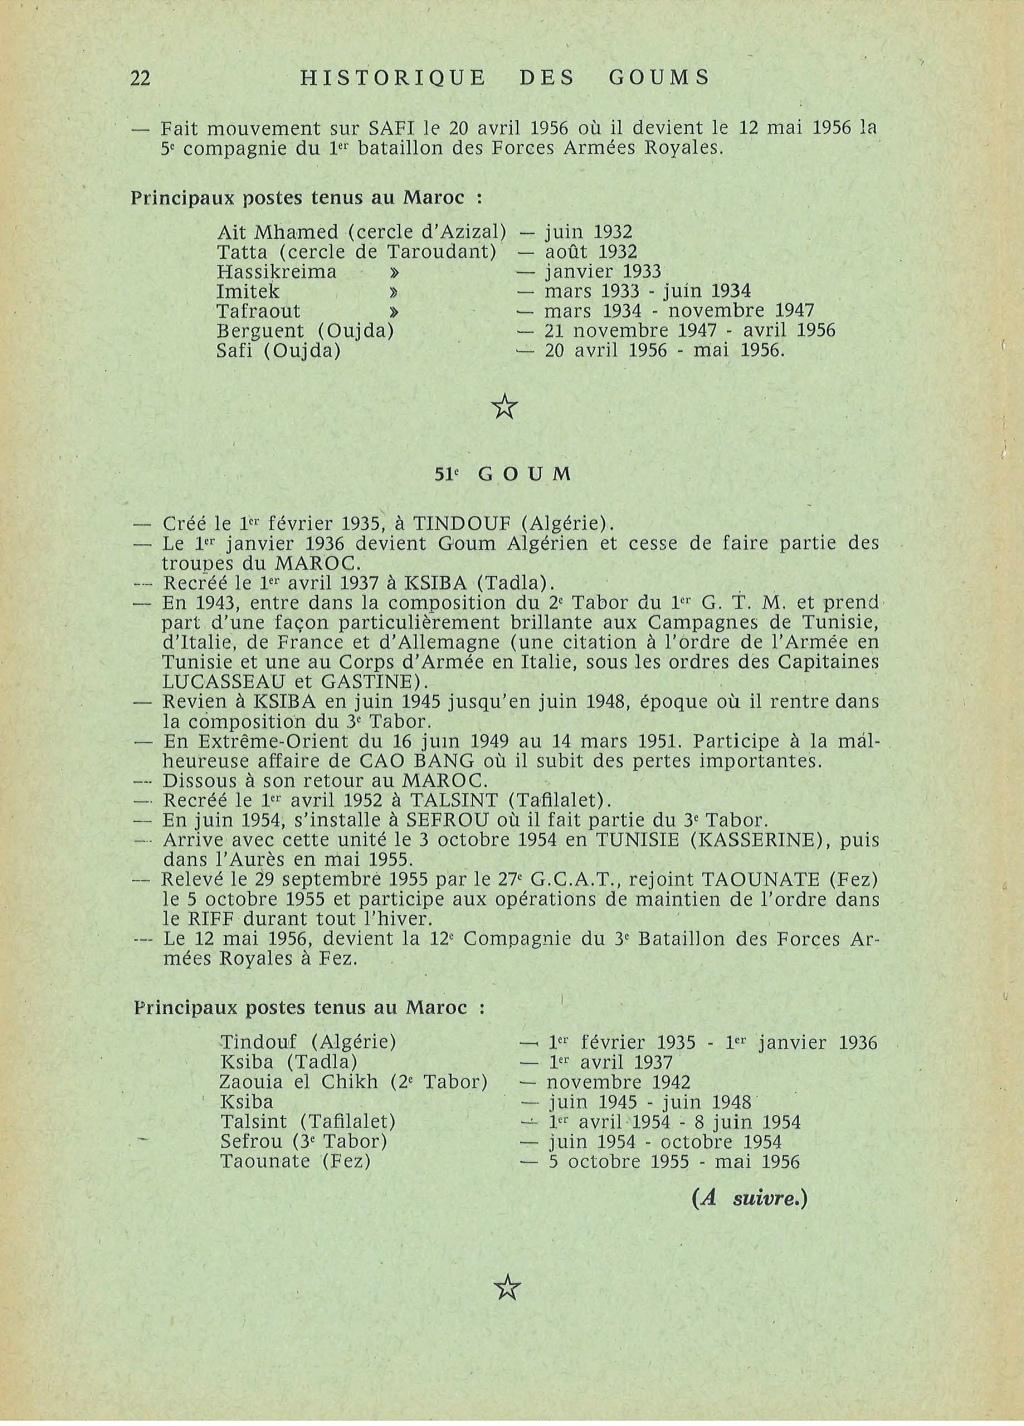 12 mai 1956 - Dissolution des Goumiers & integration aux FAR La_kou33